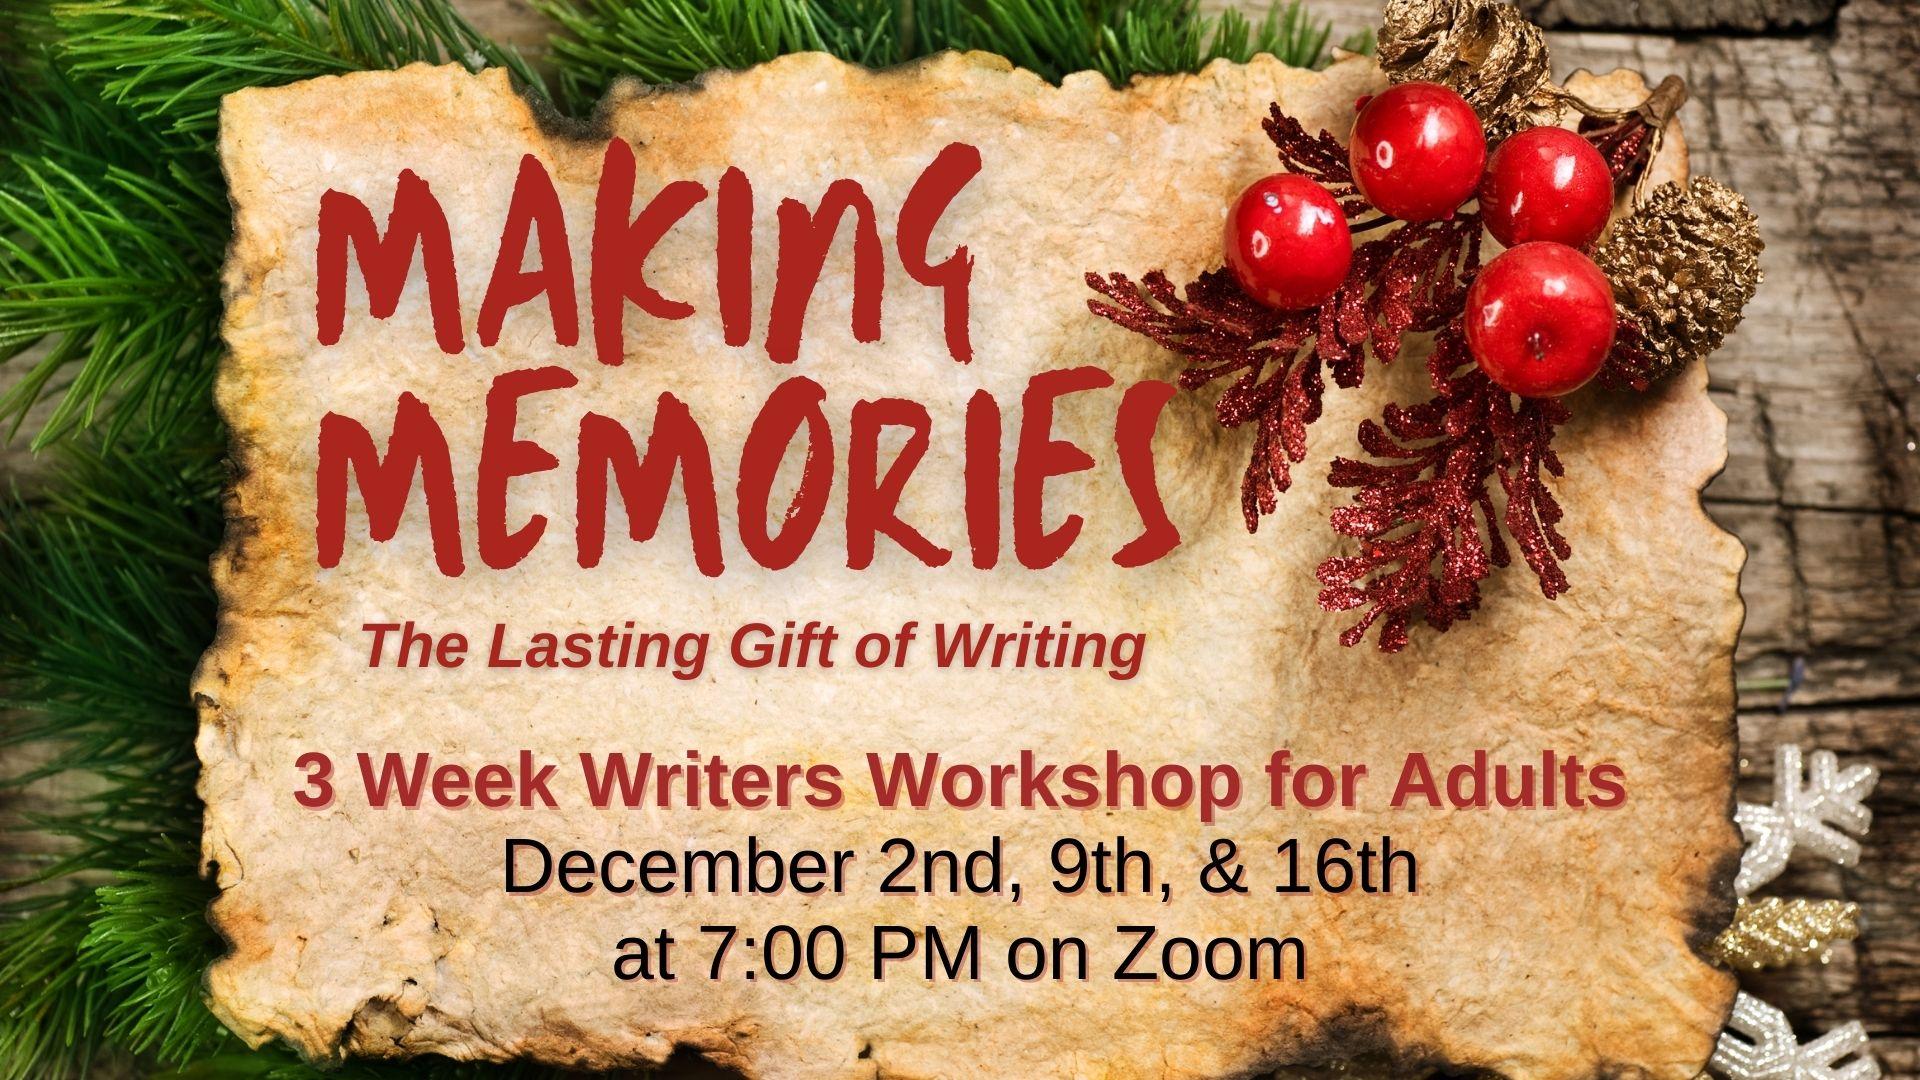 Making Memories writers workshops